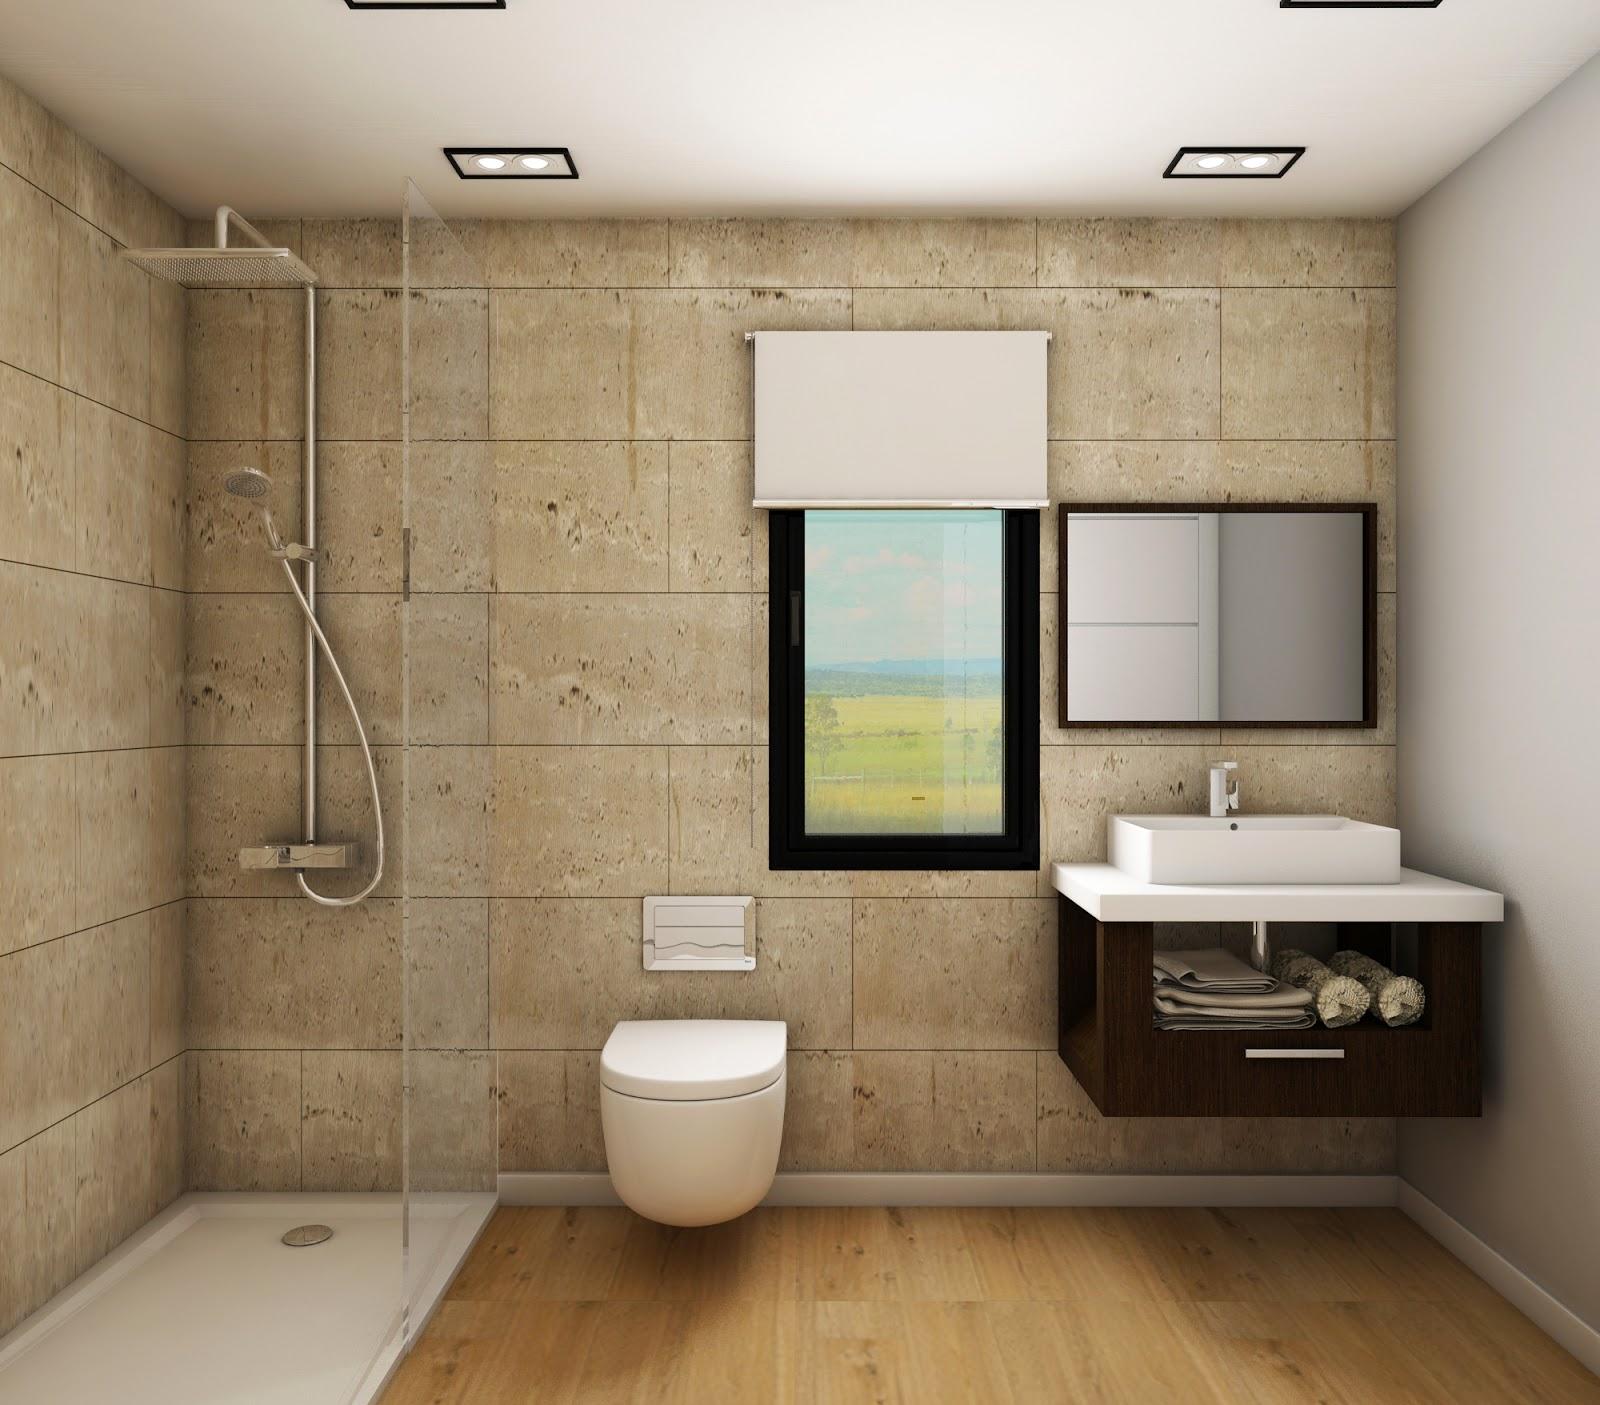 baño-modulo-jardin-resan modular